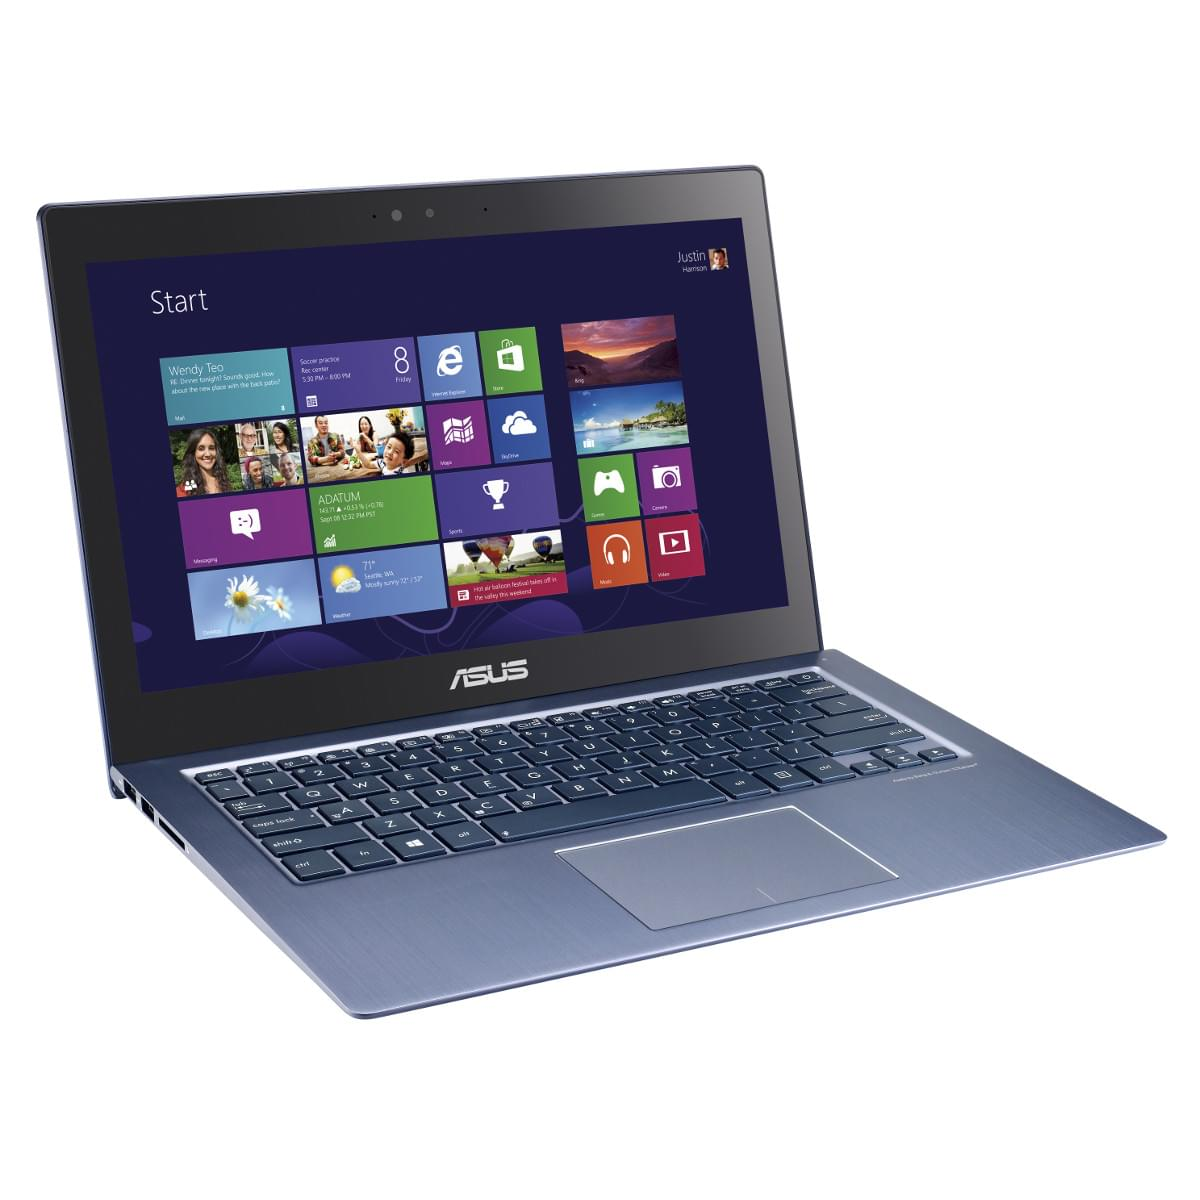 Asus UX302LA-C4004P - PC portable Asus - Cybertek.fr - 0